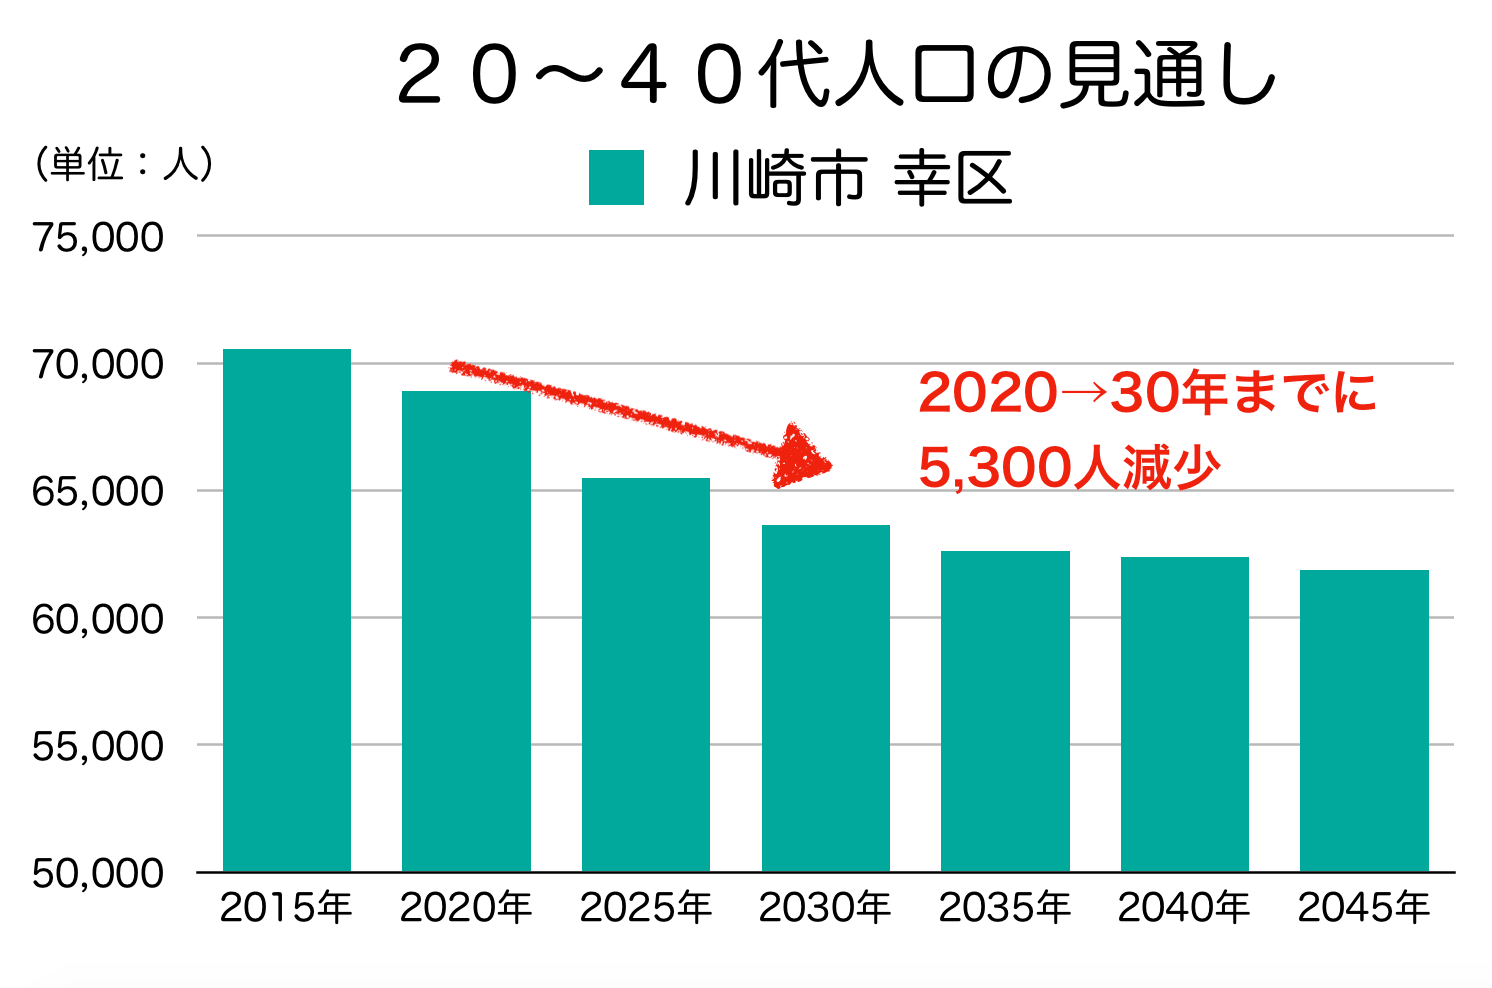 川崎市幸区の20〜40代人口の予測